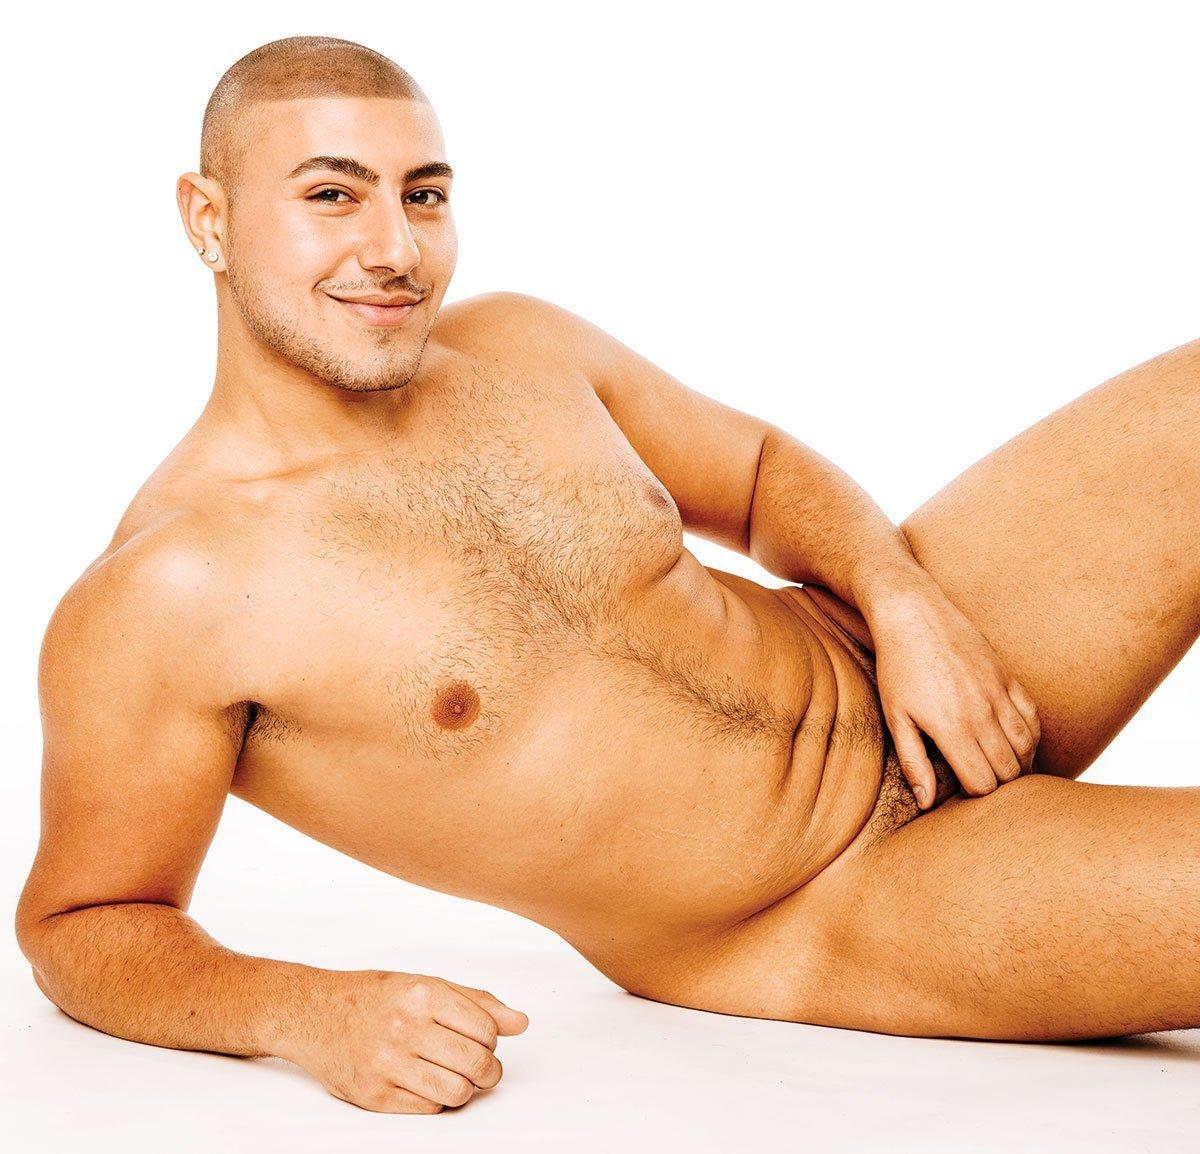 Naked jen sterger pics